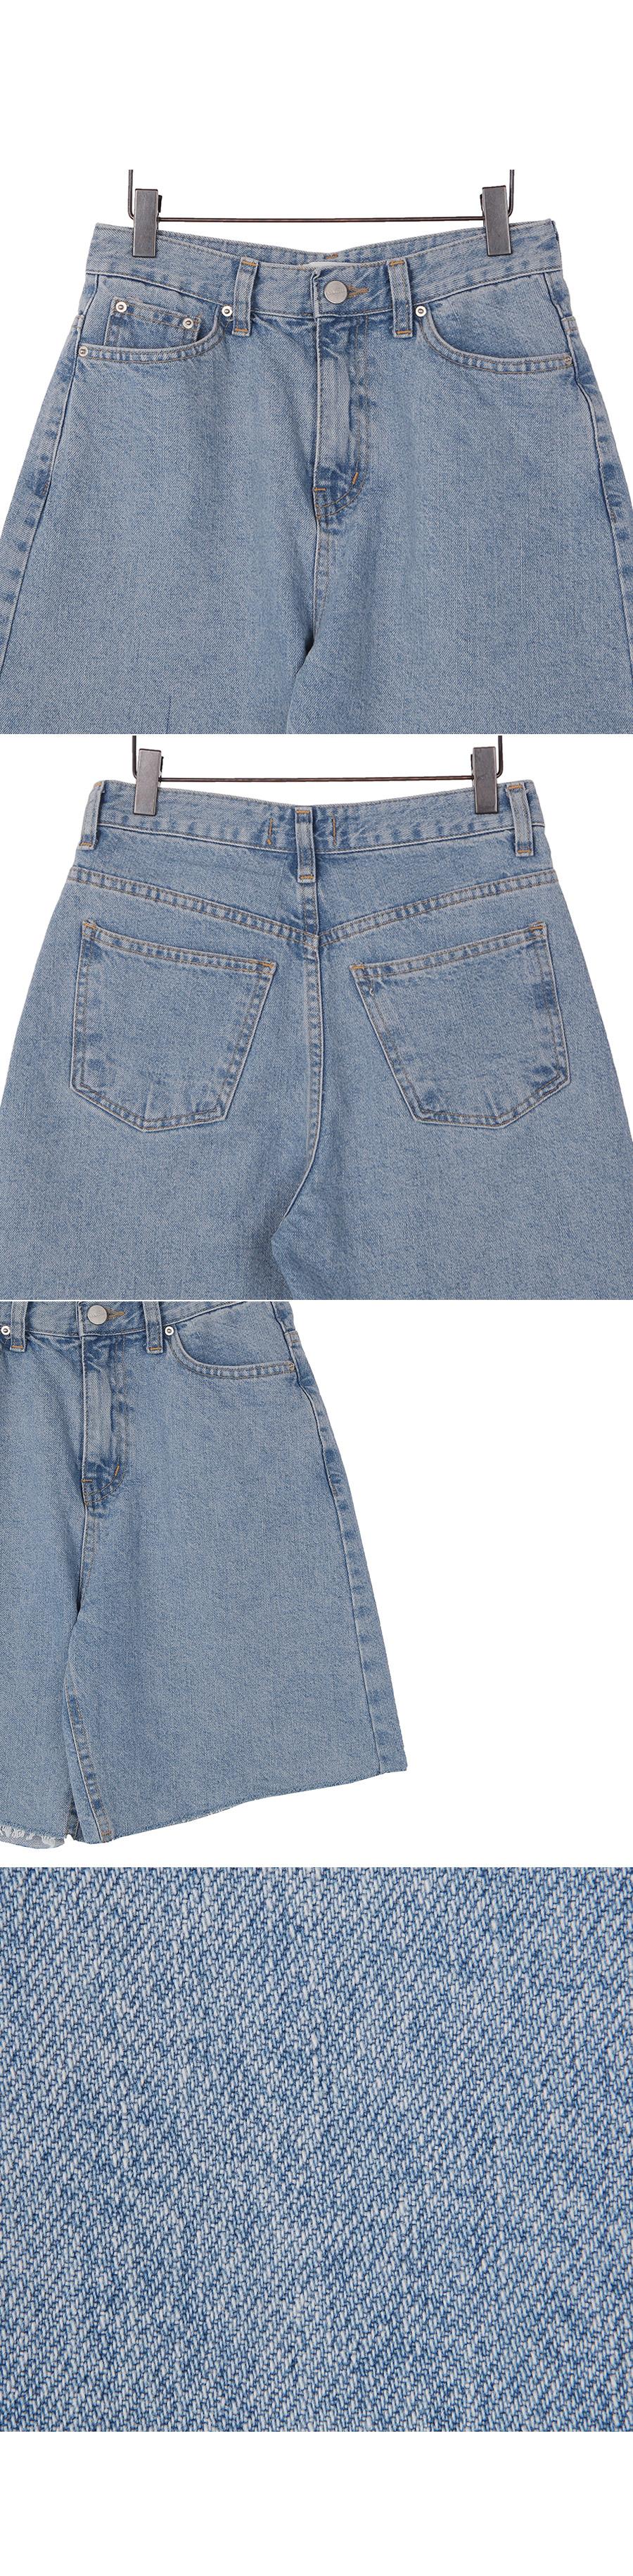 Burnin pants